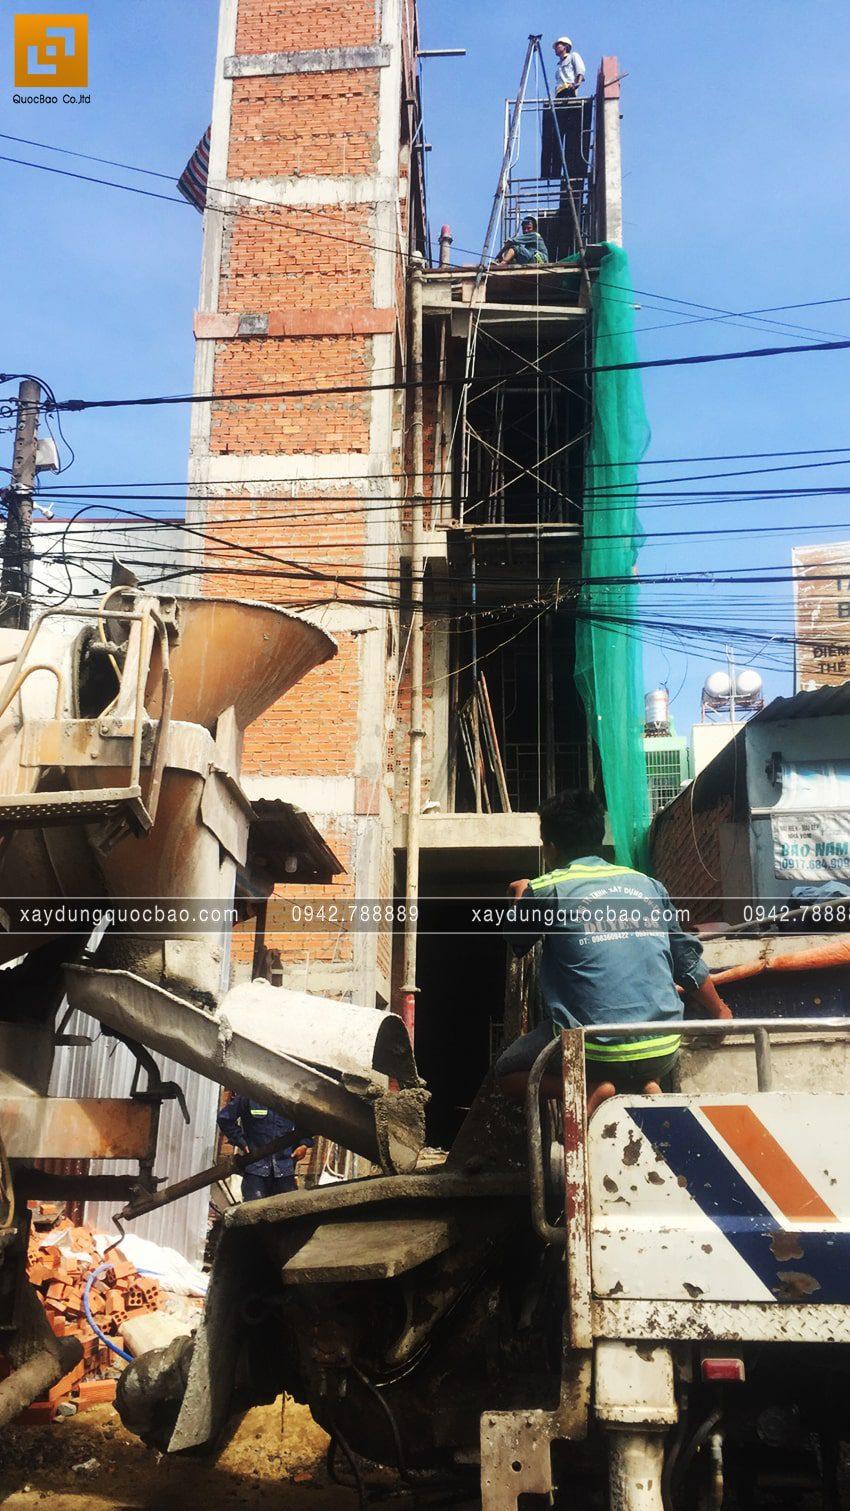 Thi công phần thô nhà 4 tầng của anh Hùng - Ảnh 10